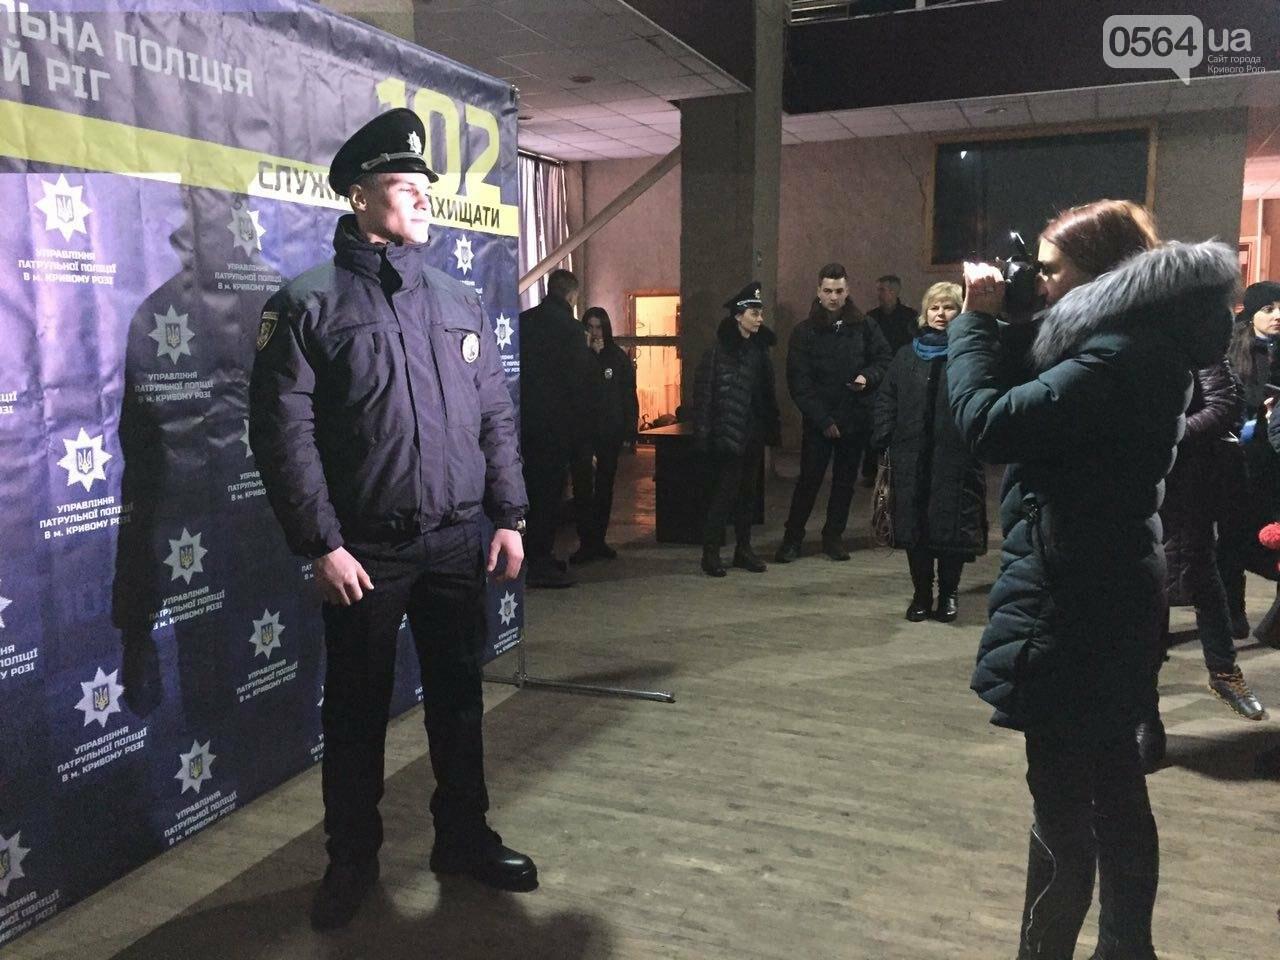 В криворожской полицейской семье пополнение -  65 человек присягнули на верность украинскому народу (ФОТО), фото-11